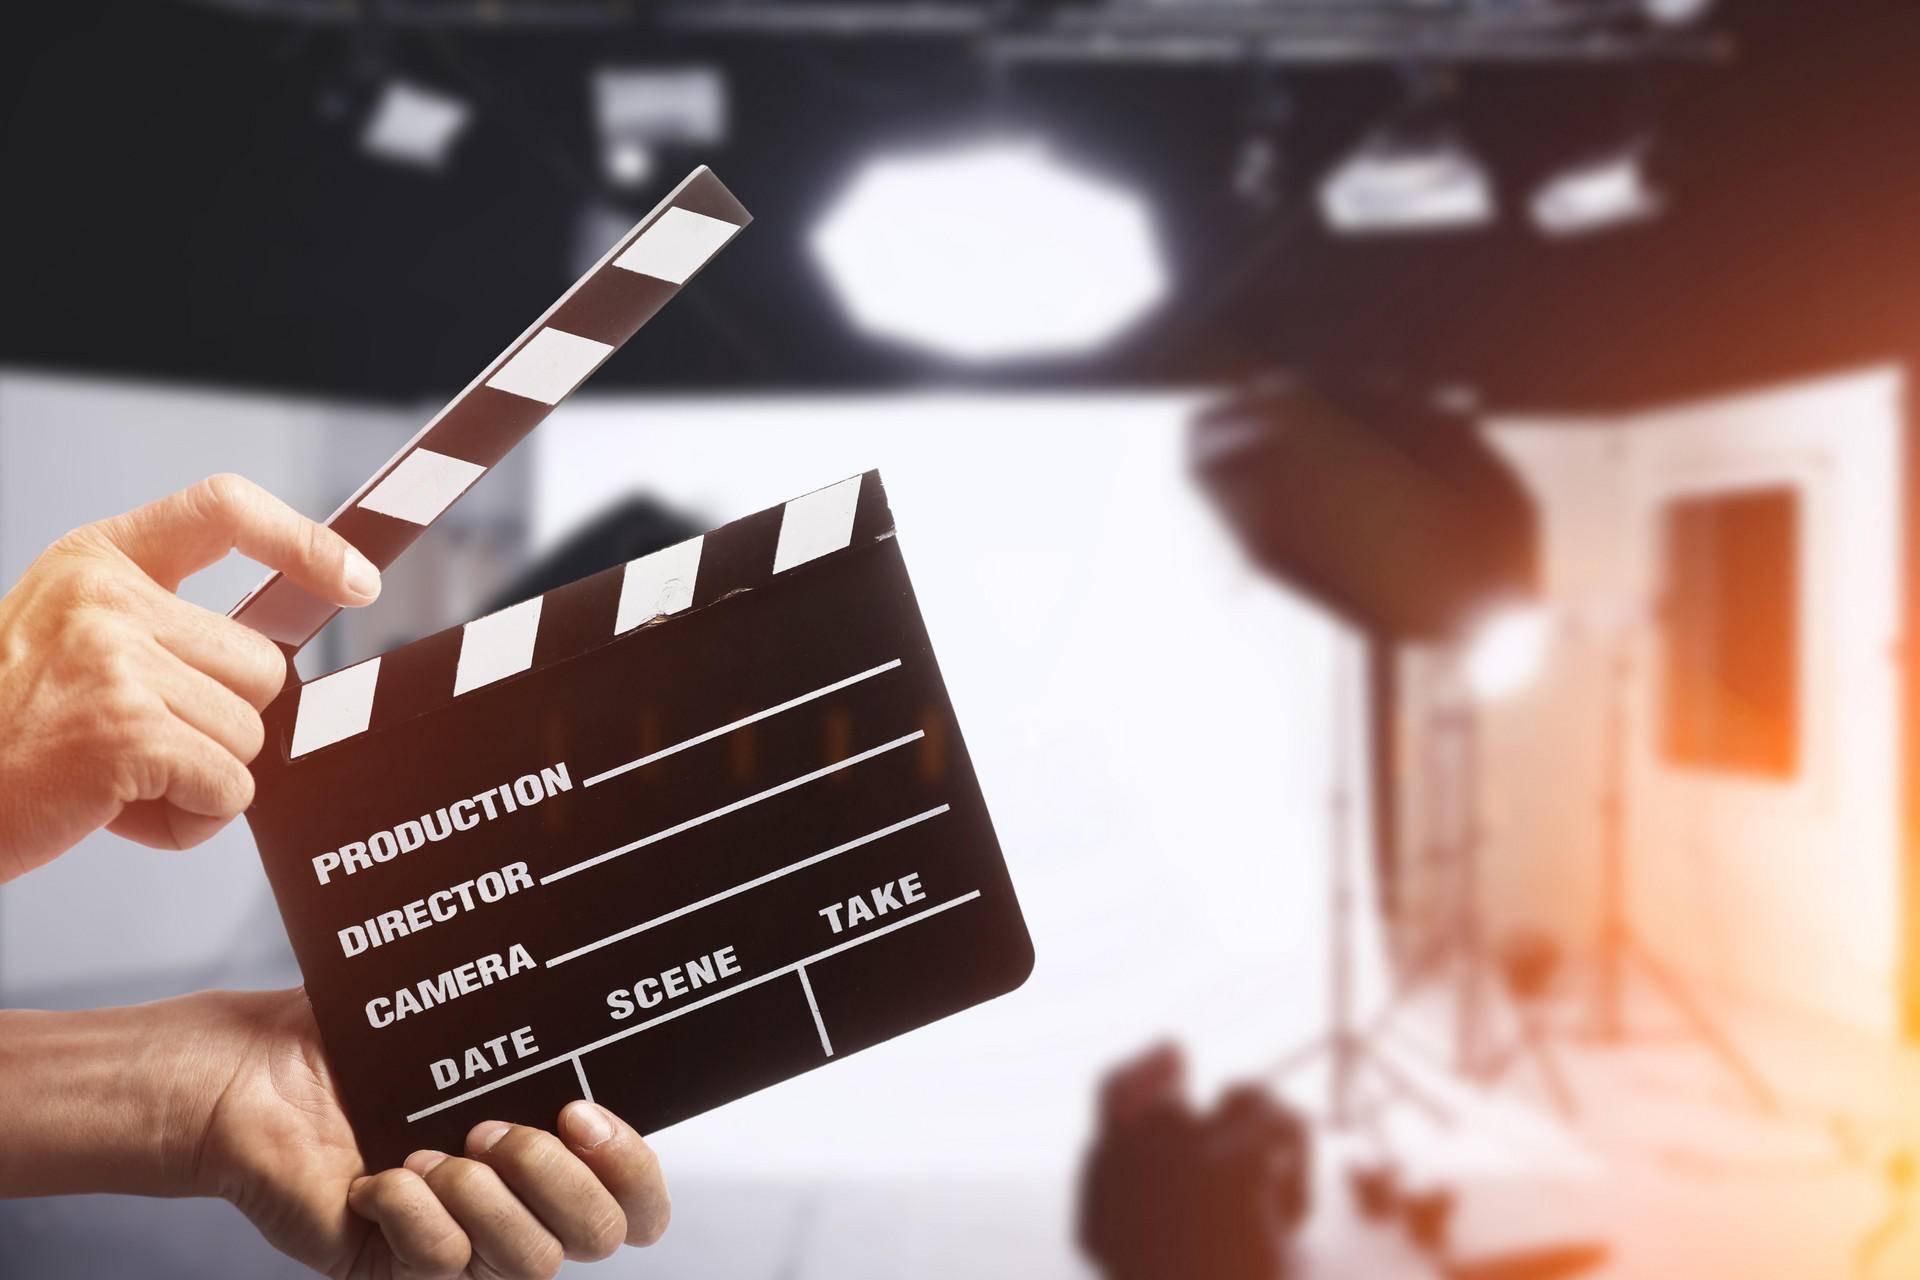 《复联4》破全球影史首轮公映票房纪录,超阿凡达!